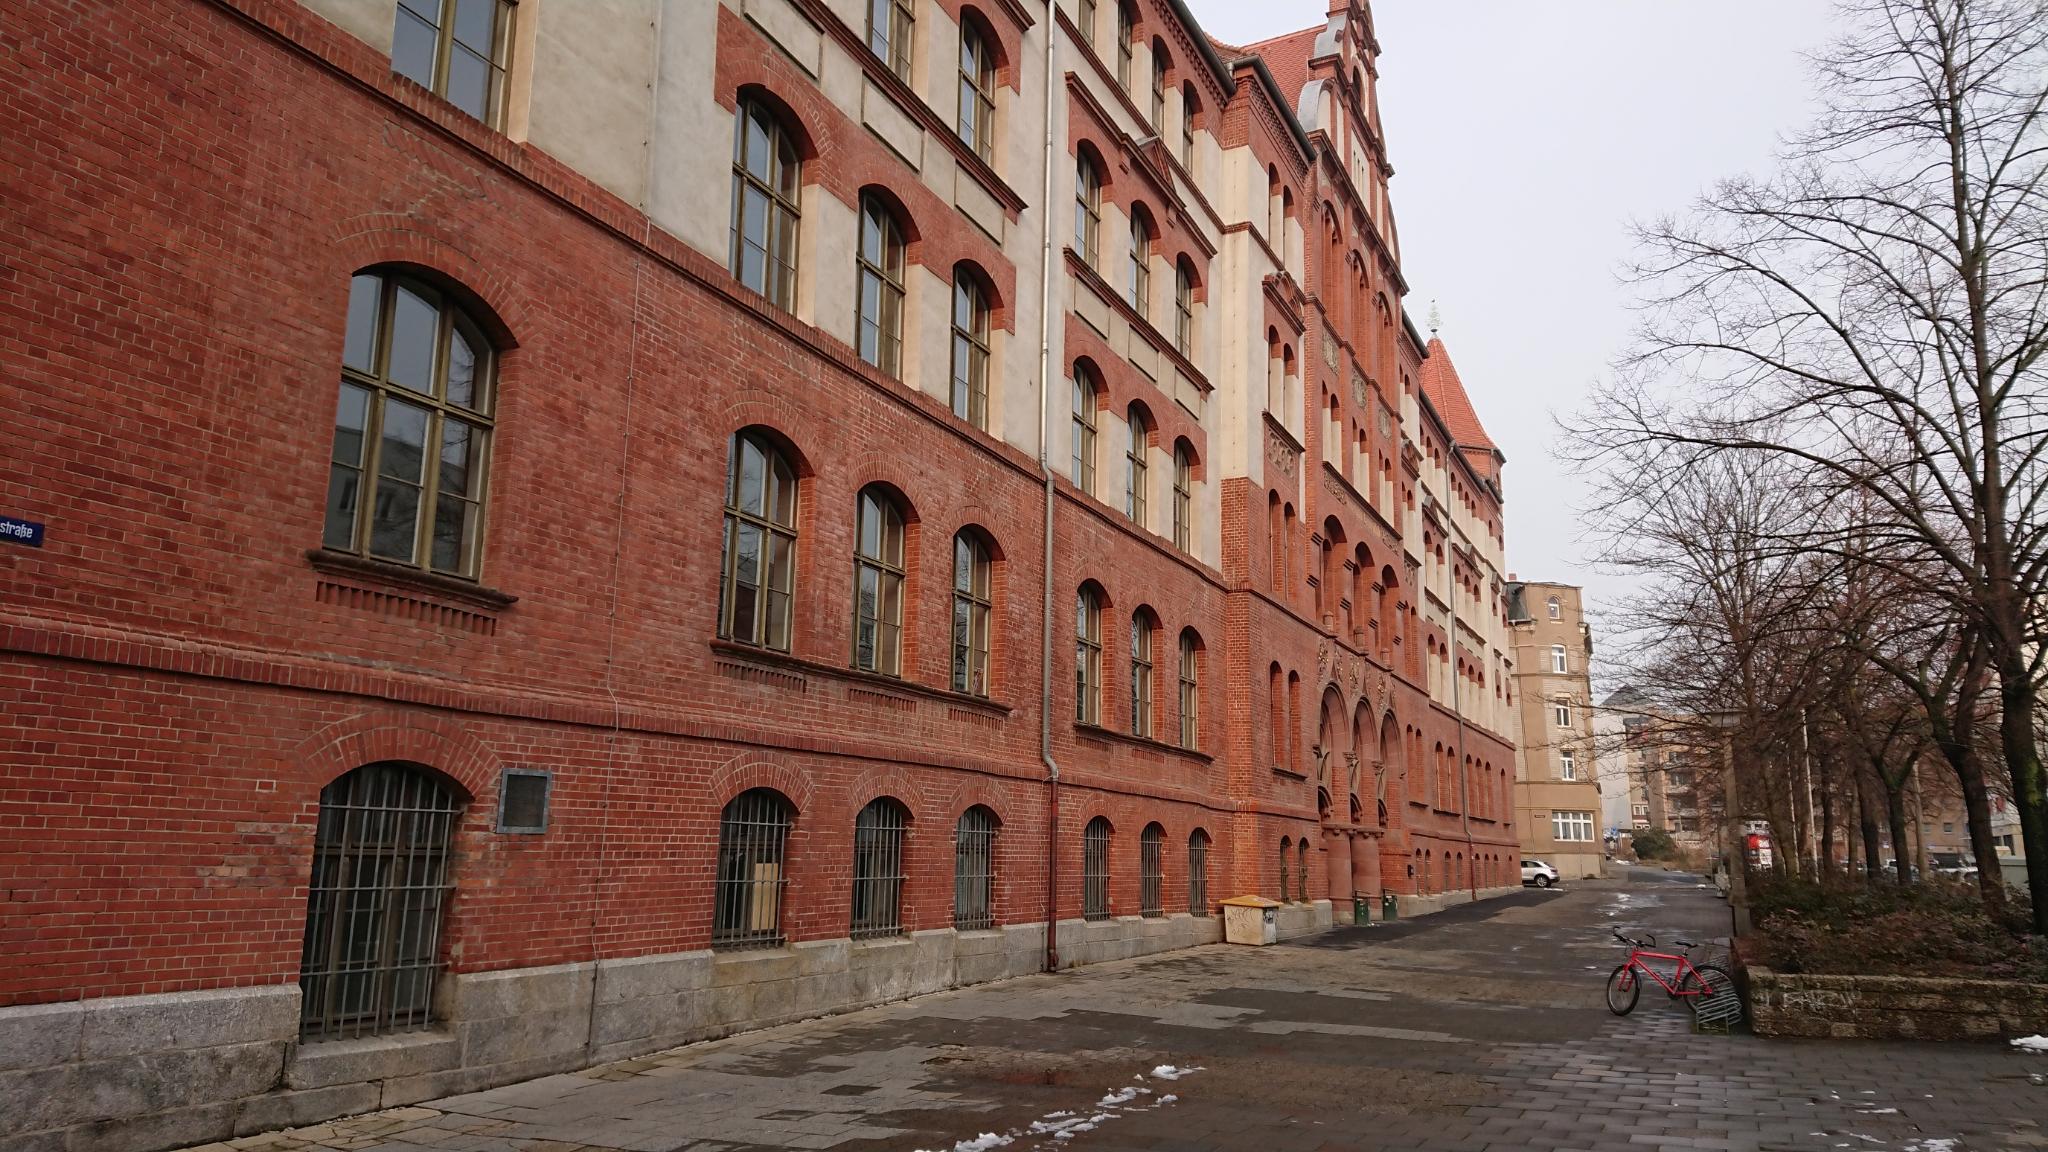 Halle Gymnasium